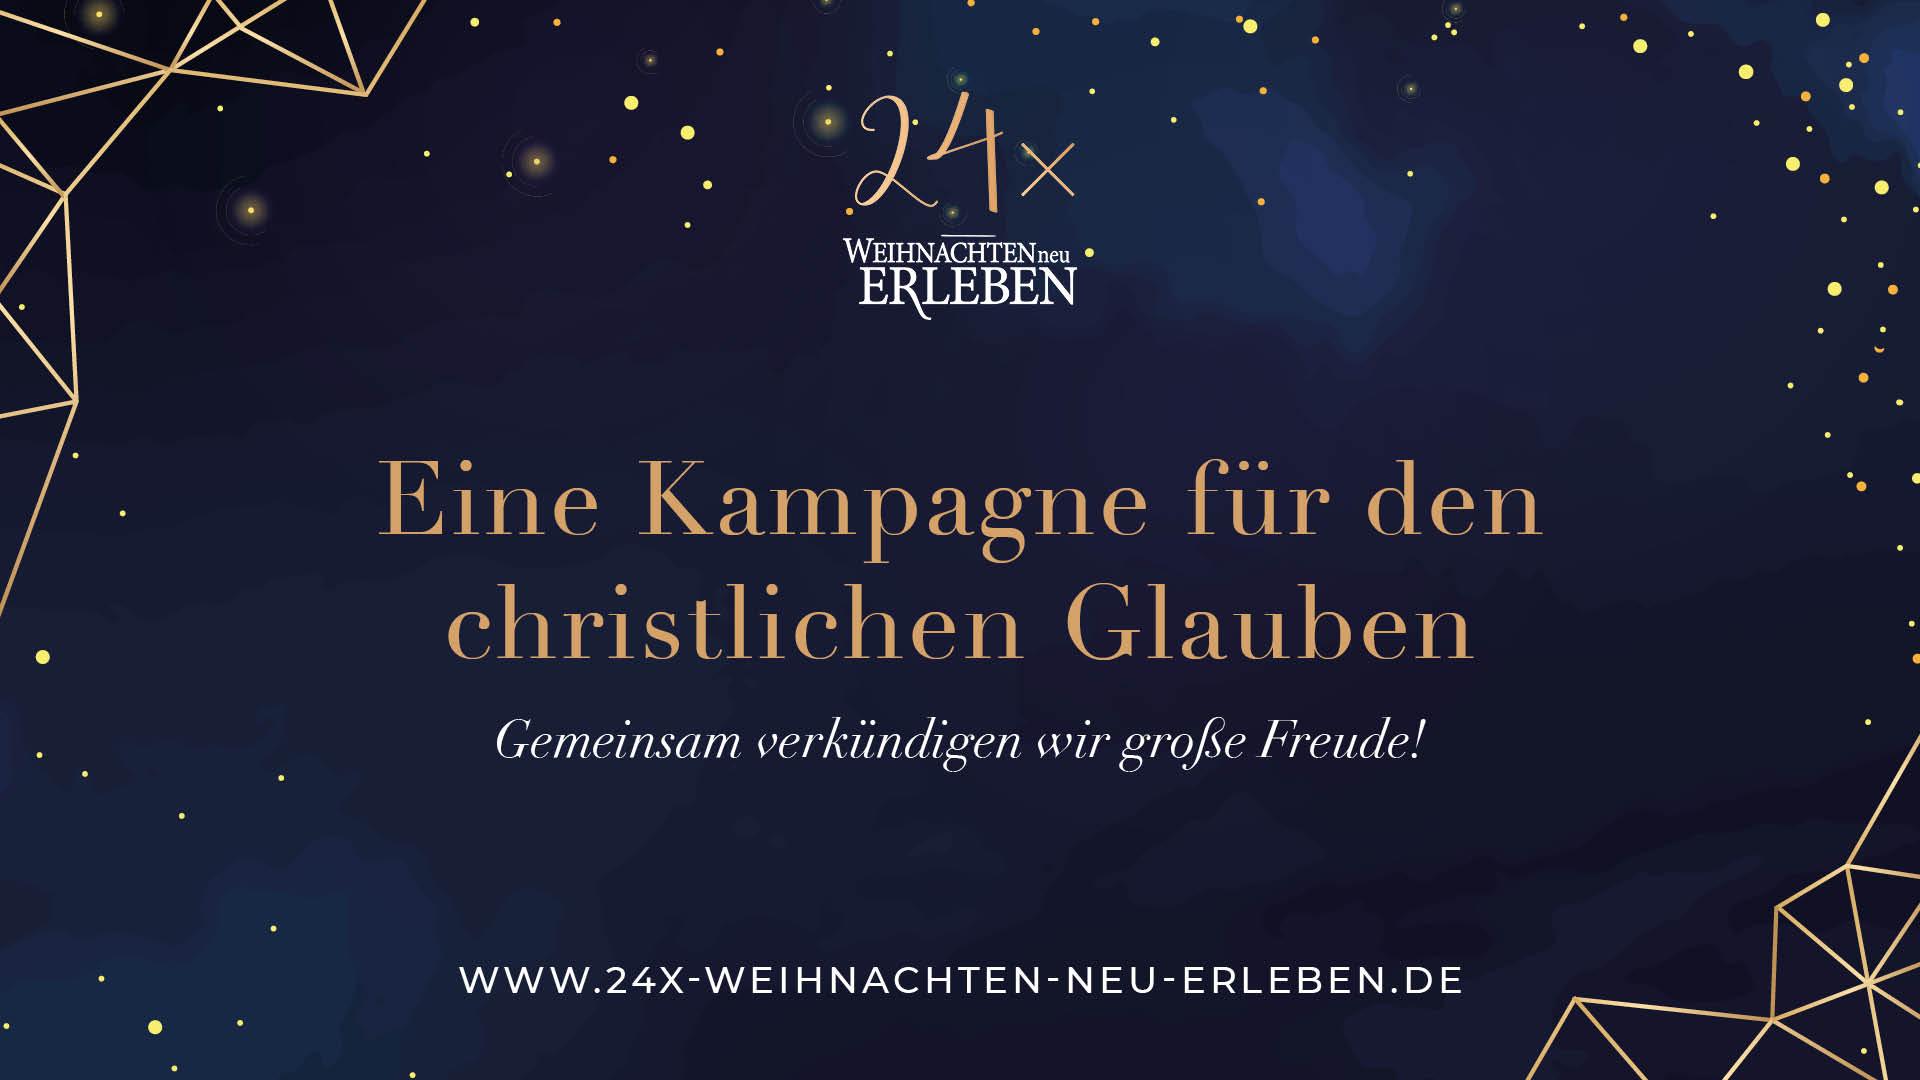 24x Weihnachten neu erleben - der MV ist dabei!